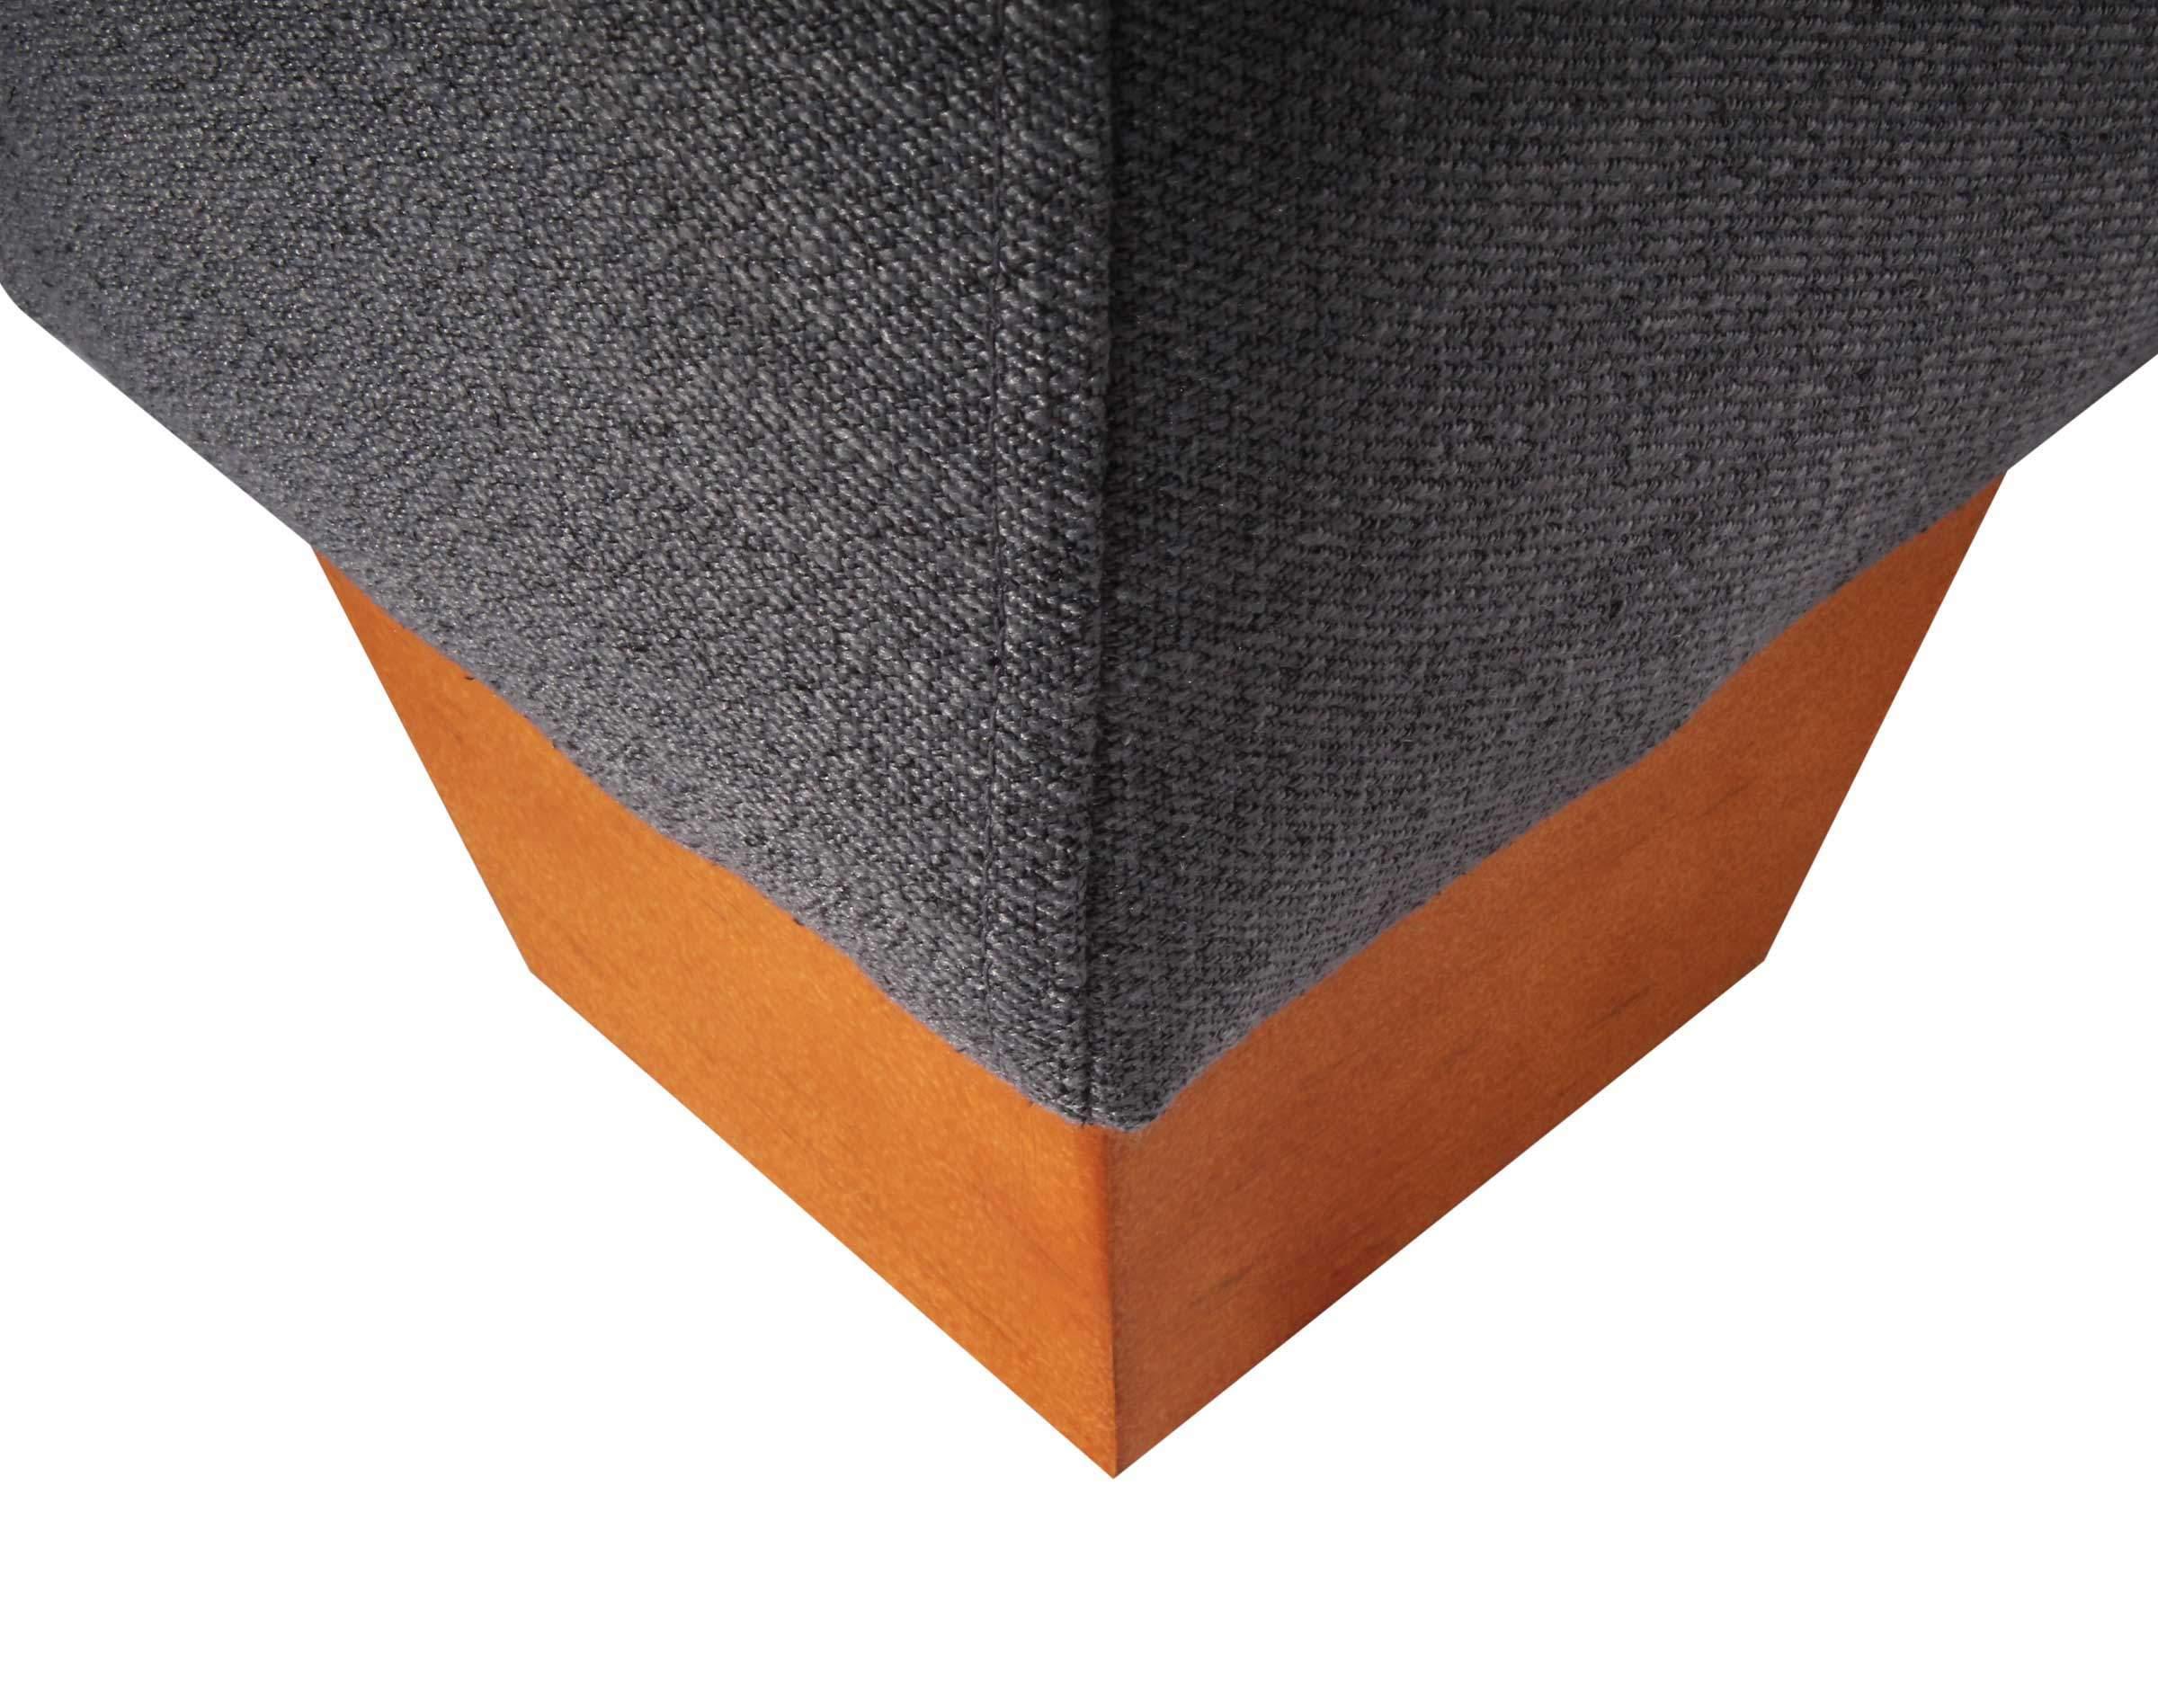 Pata de madera para sillón